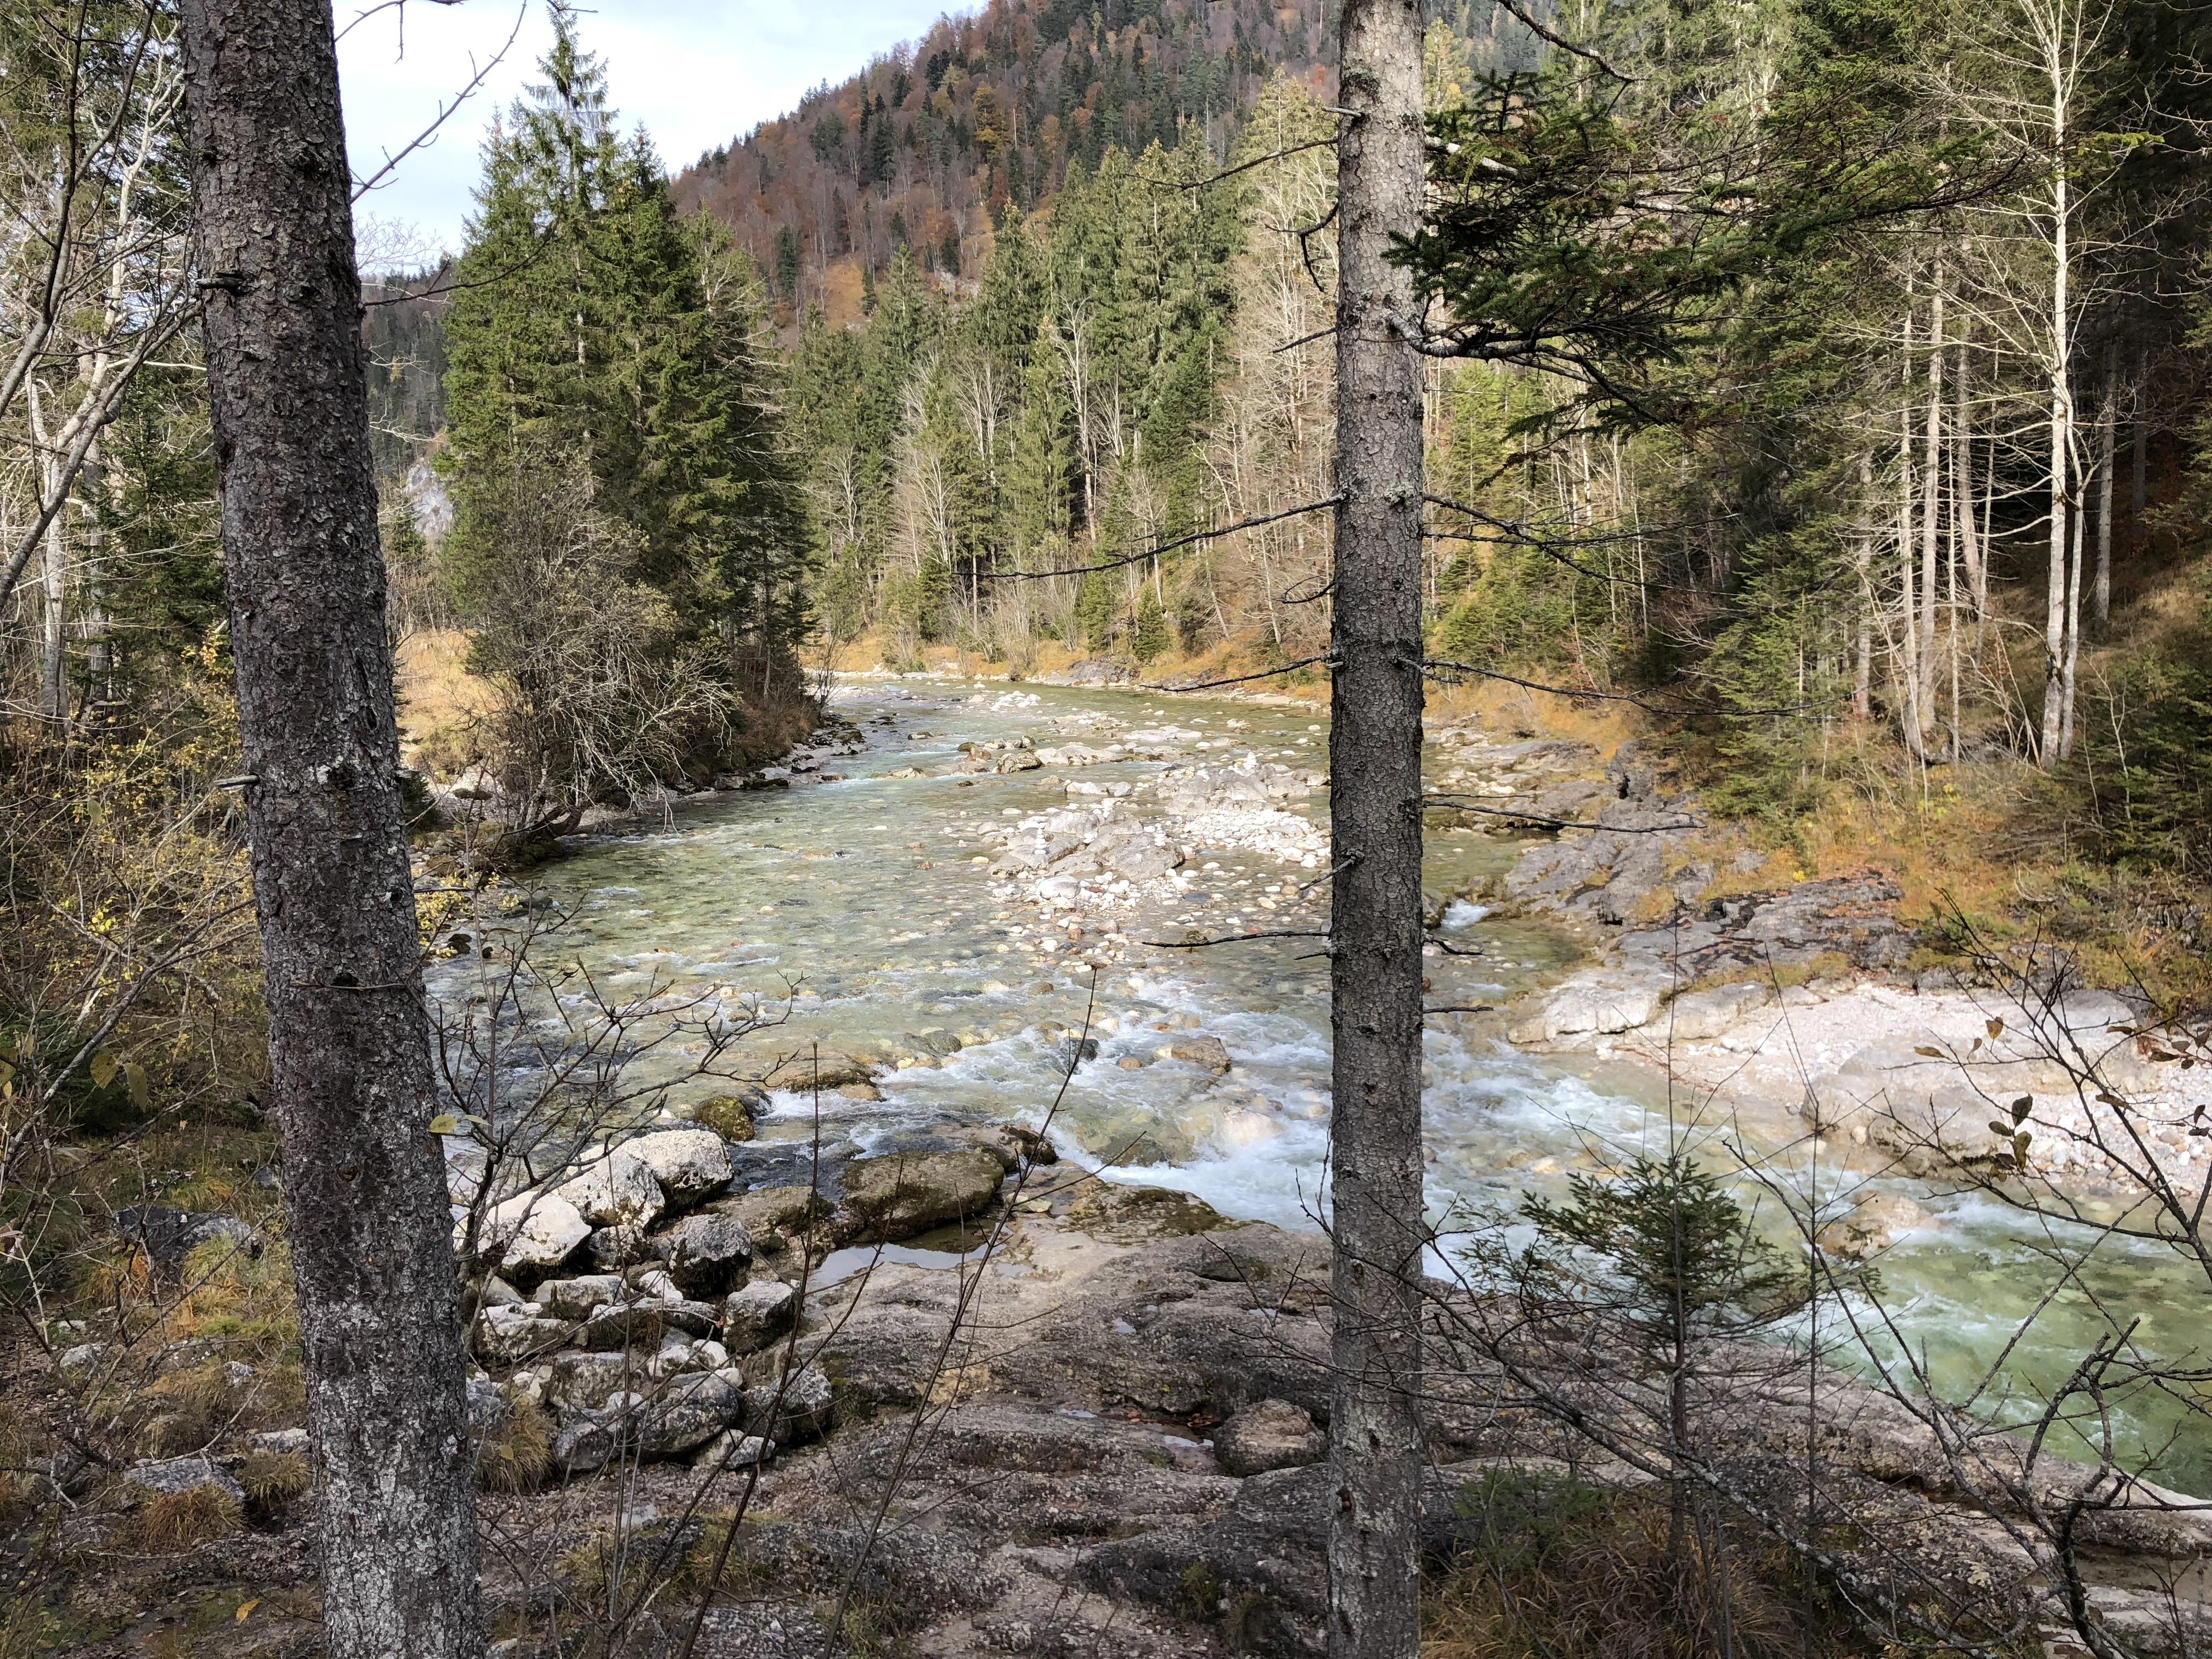 A nice view at the Kaiserklamm in Austria near Kufstein